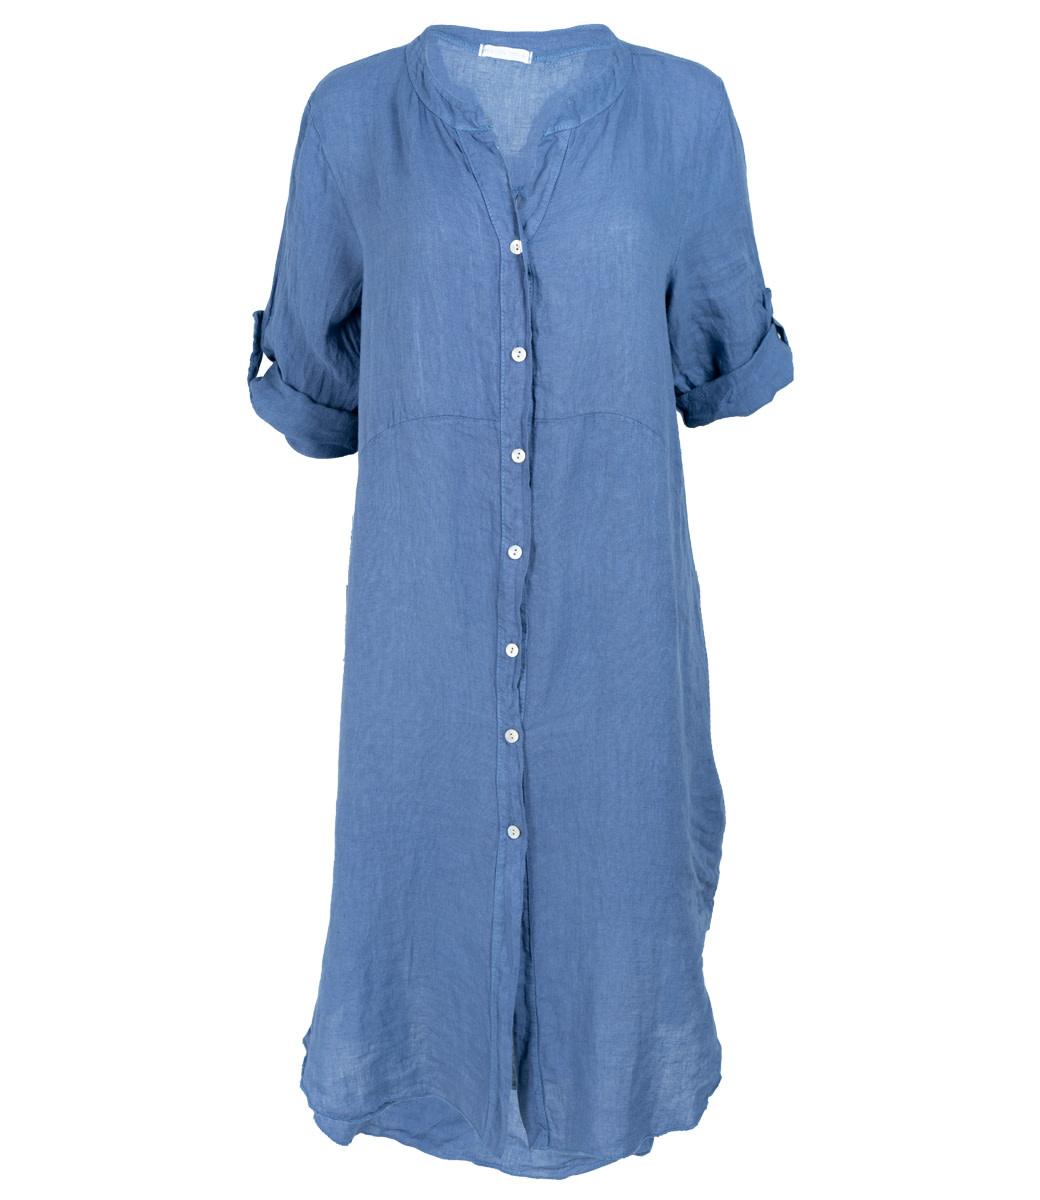 Wannahavesfashion Jurk linnen blauw Zora